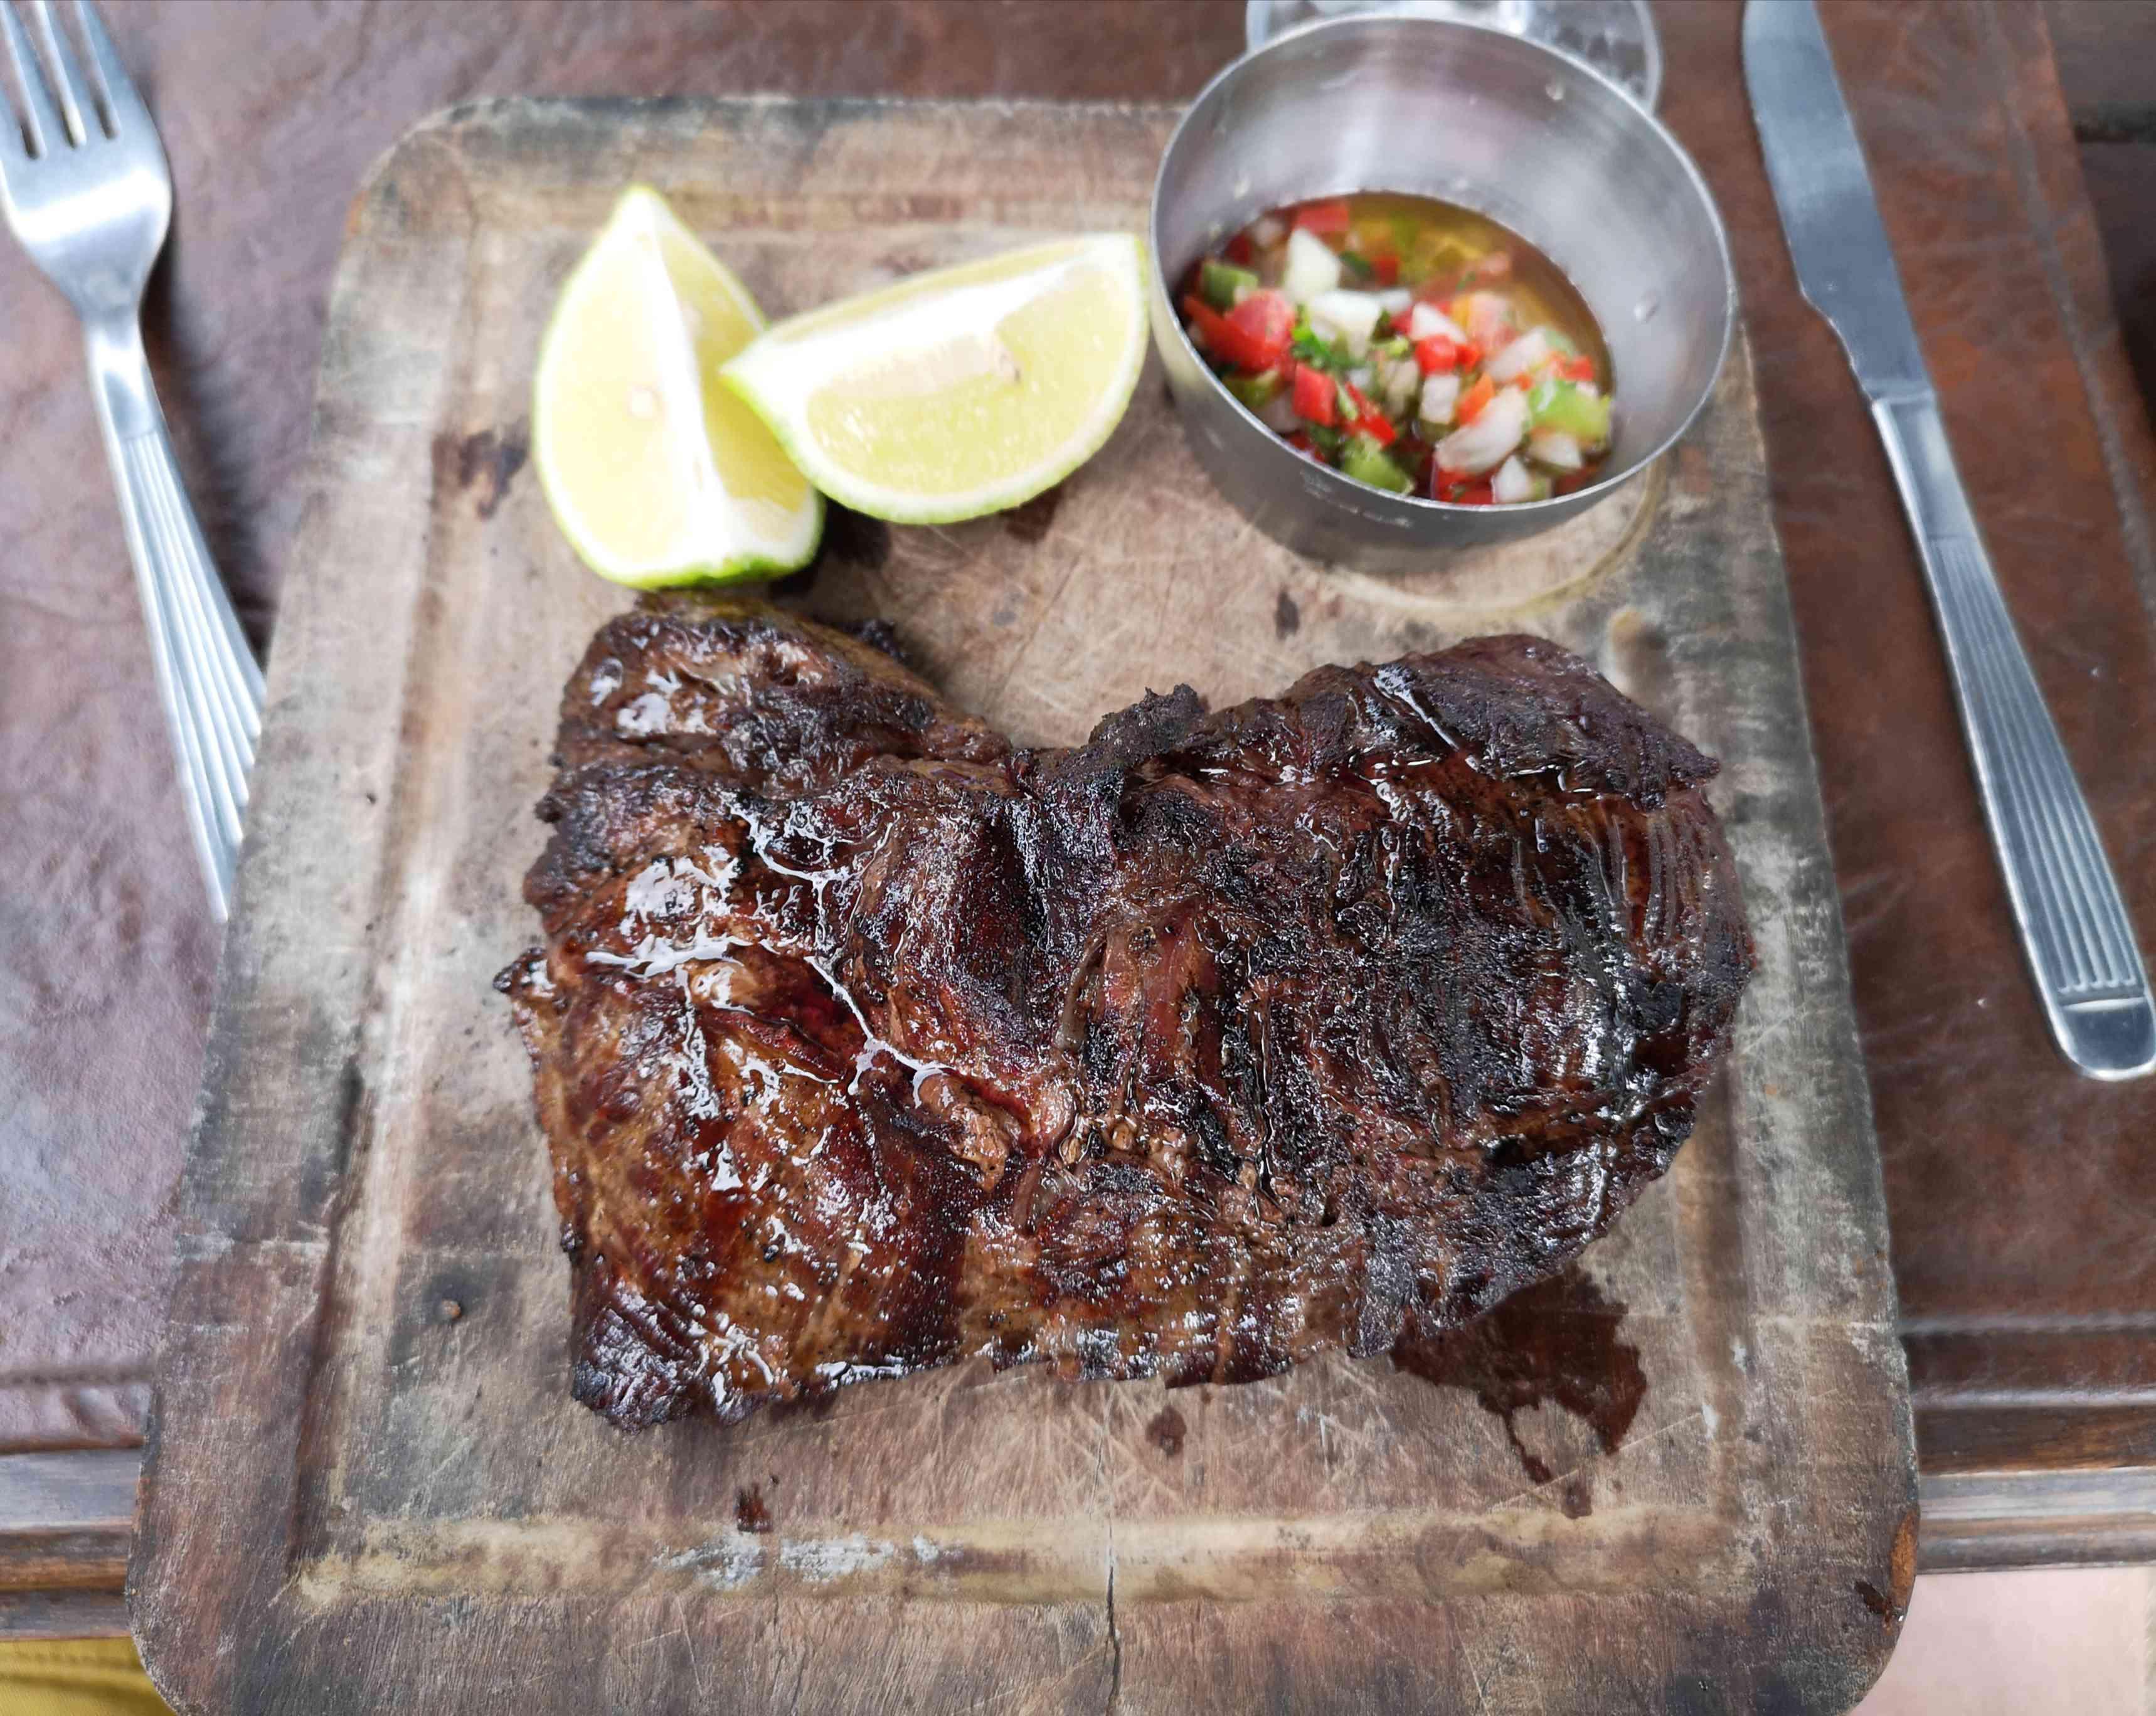 Llama steak